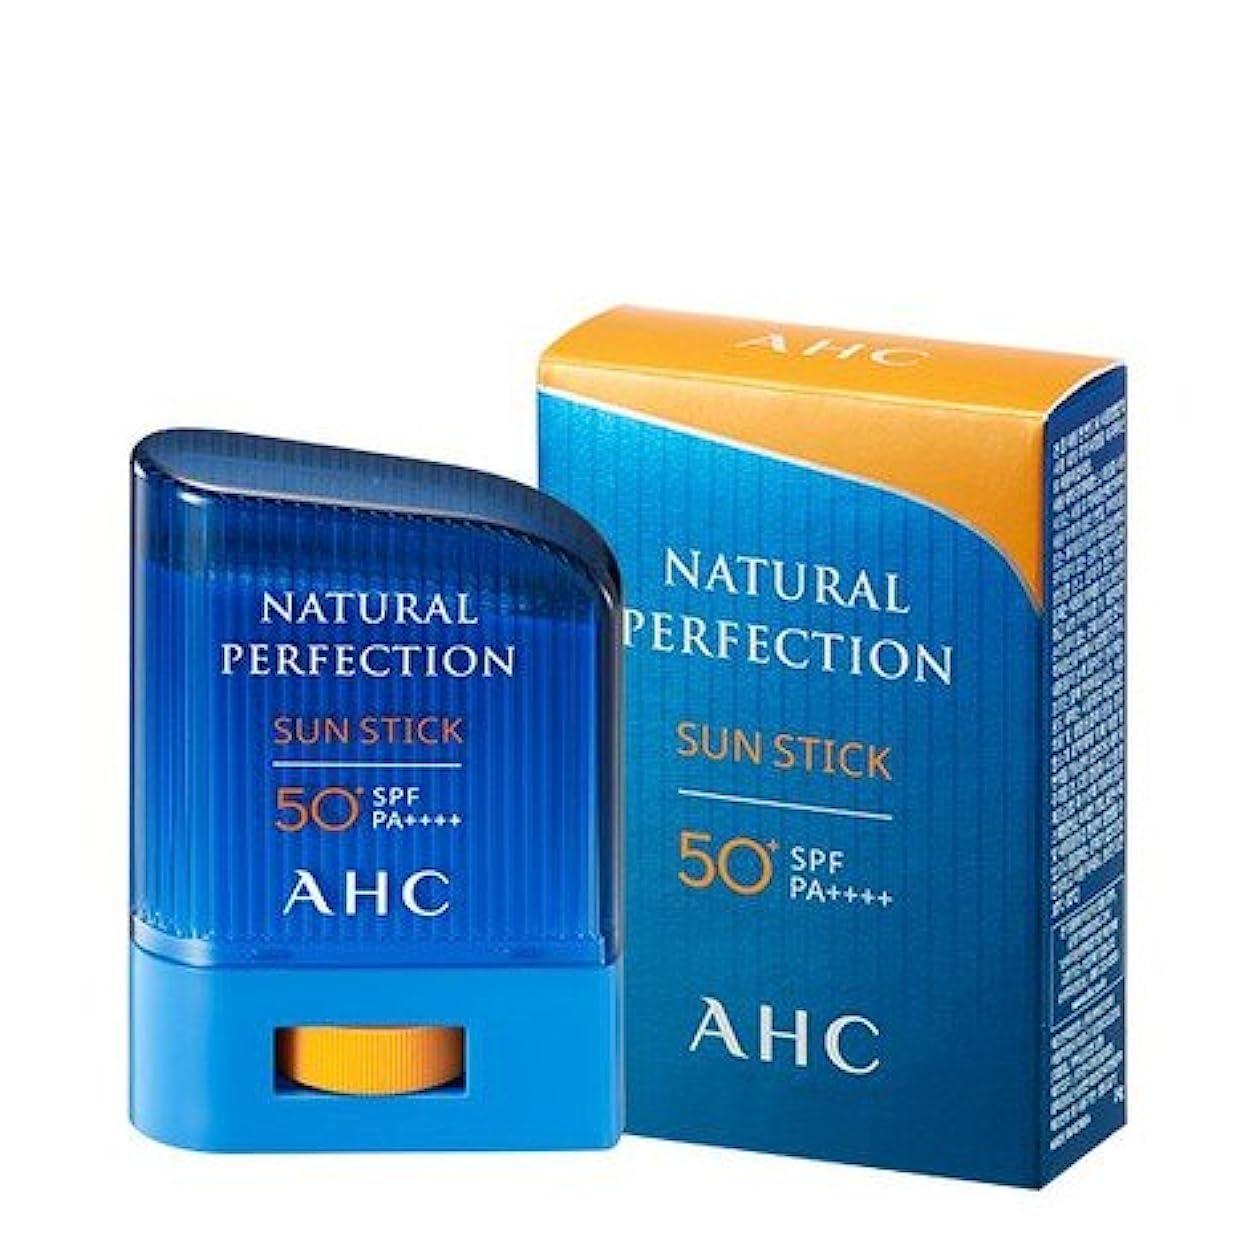 抑制するもつれ組立[Renewal 最新] AHCナチュラルパーフェクション線スティック / AHC NATURAL PERFECTION SUN STICK [SPF 50+ / PA ++++] [並行輸入品] (22g)